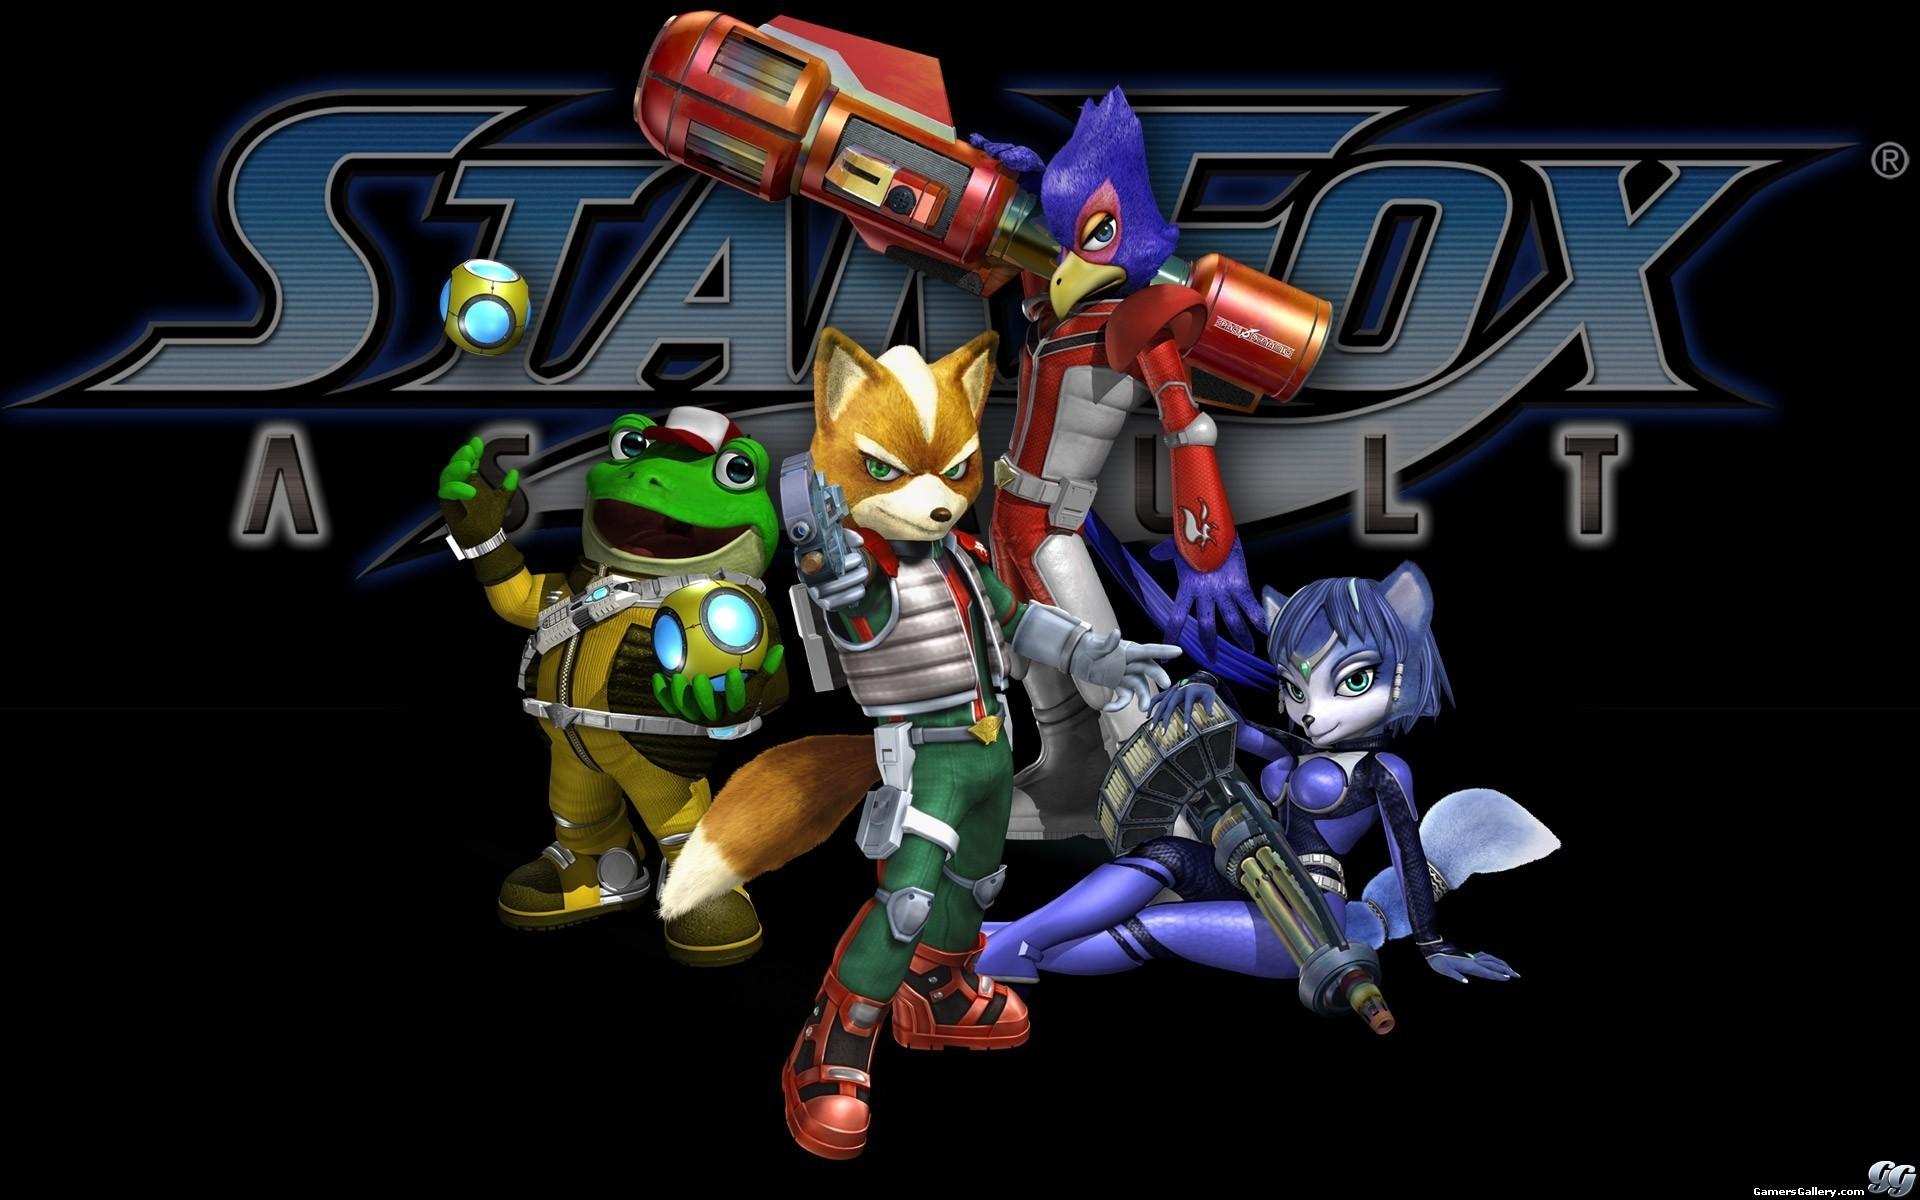 Gamers Gallery – Star Fox: Assault (Wallpaper): https://www